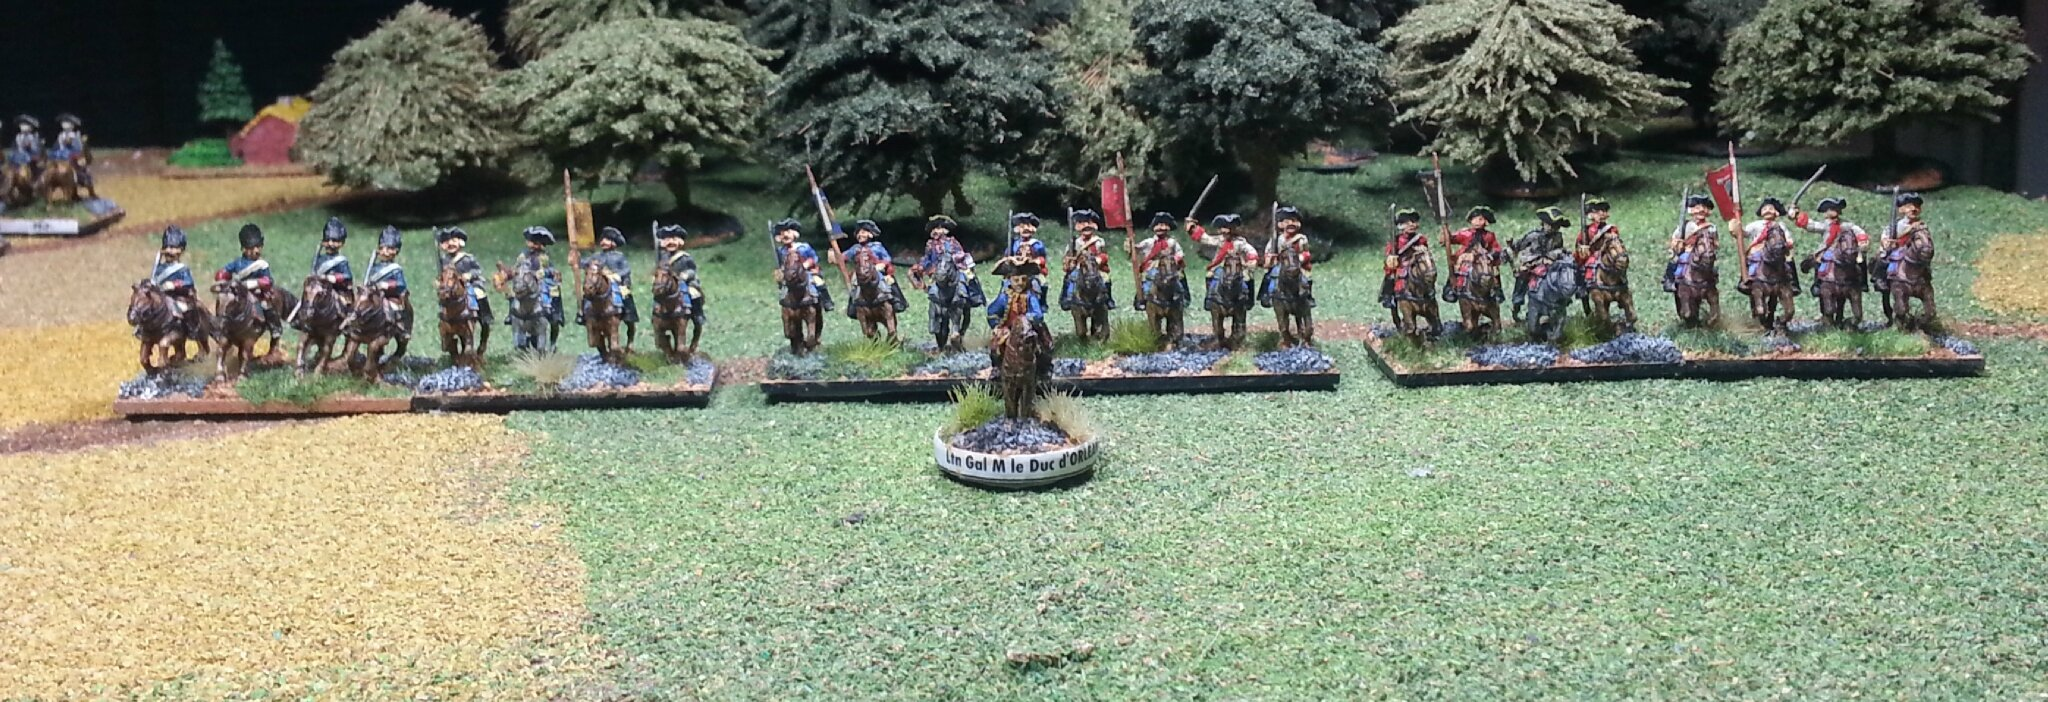 Division duc orleans